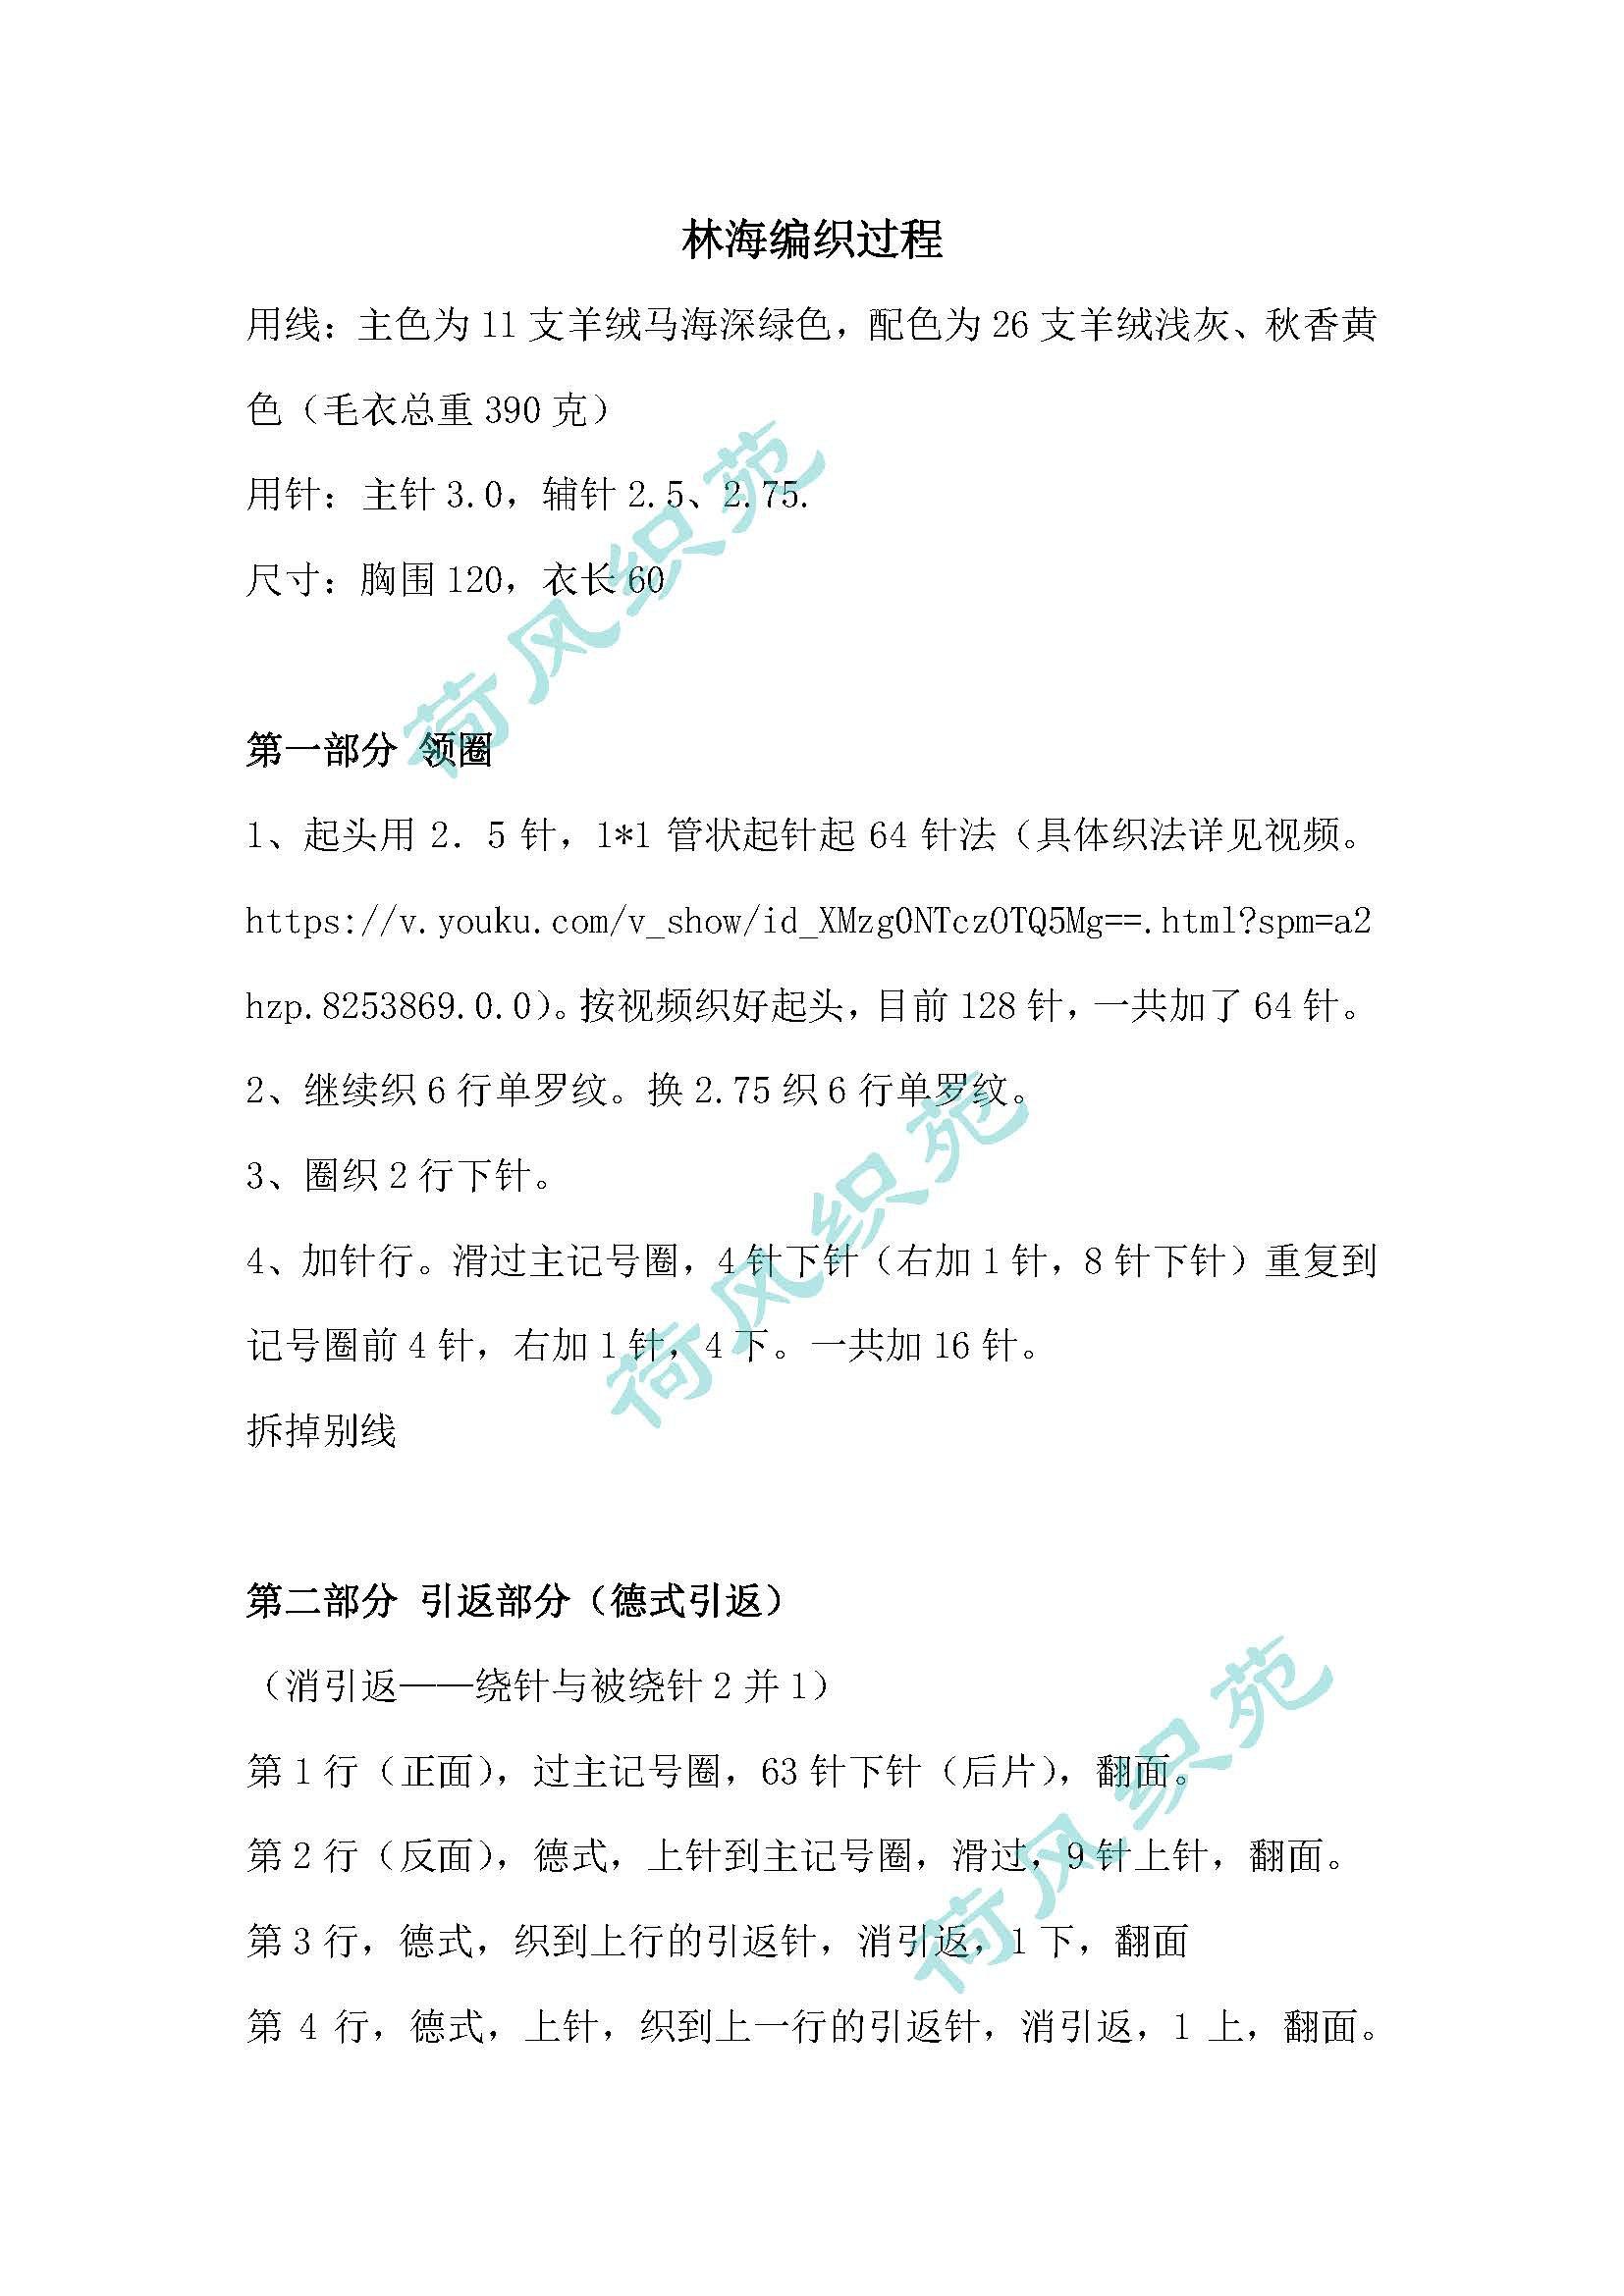 林海编织过程_页面_1.jpg